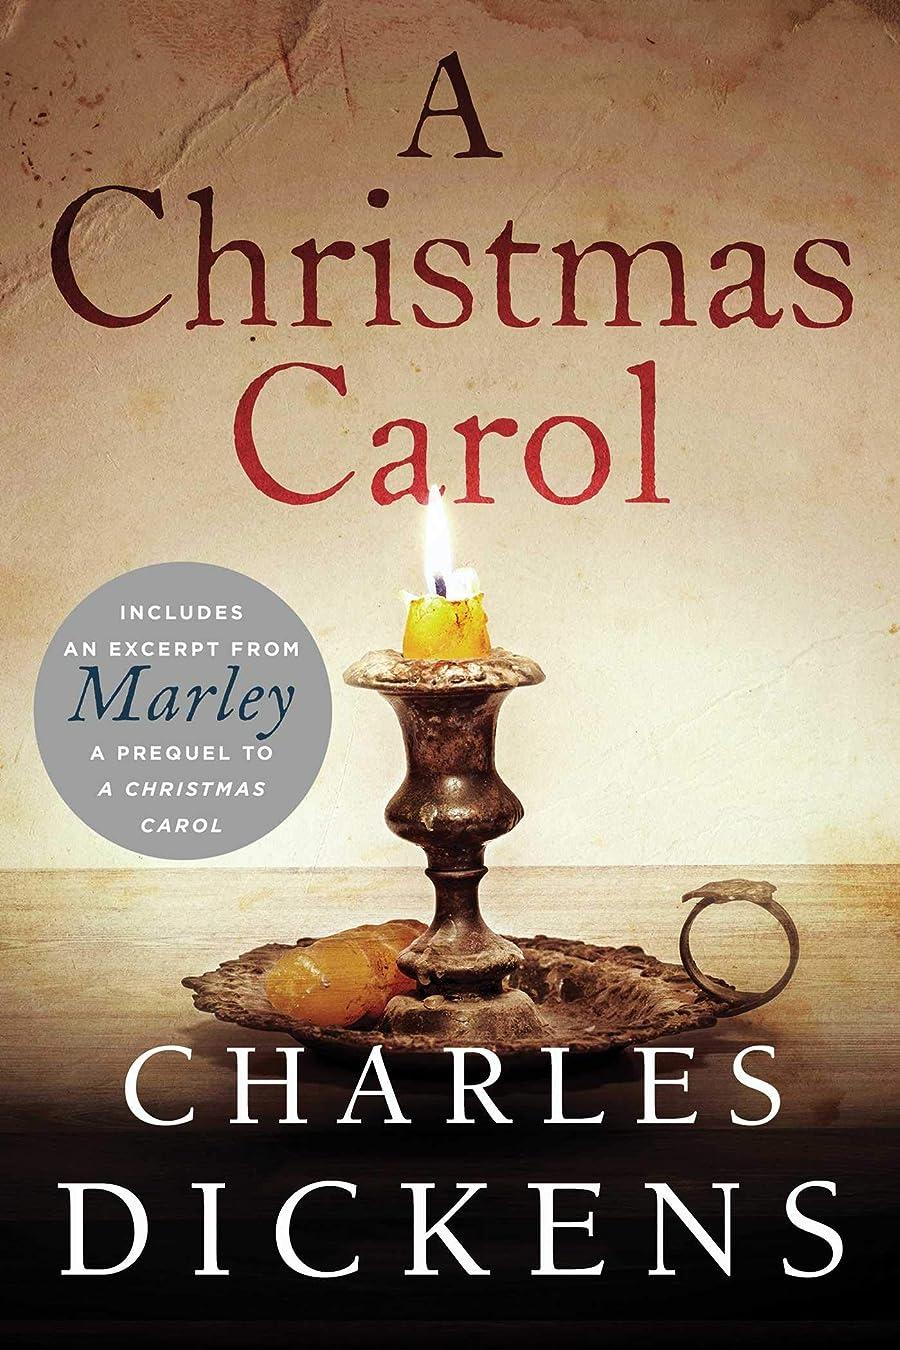 抗議外交官検出可能A Christmas Carol (Christmas Books series Book 1) (English Edition)